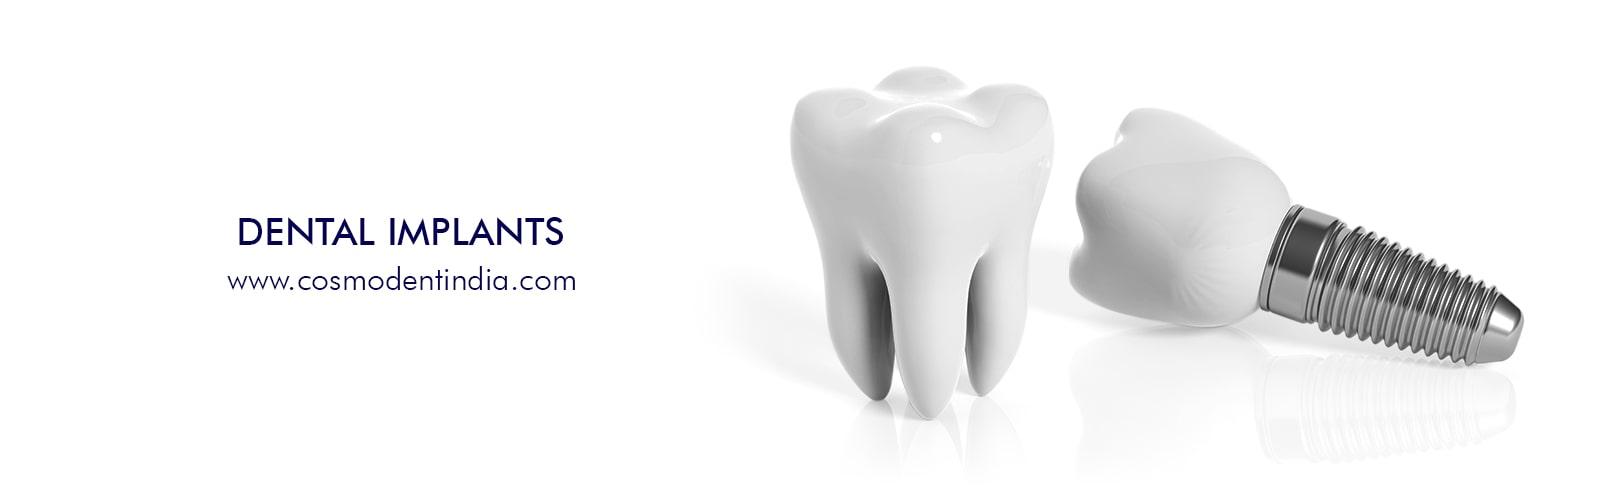 implants dentaires au coin de la rue